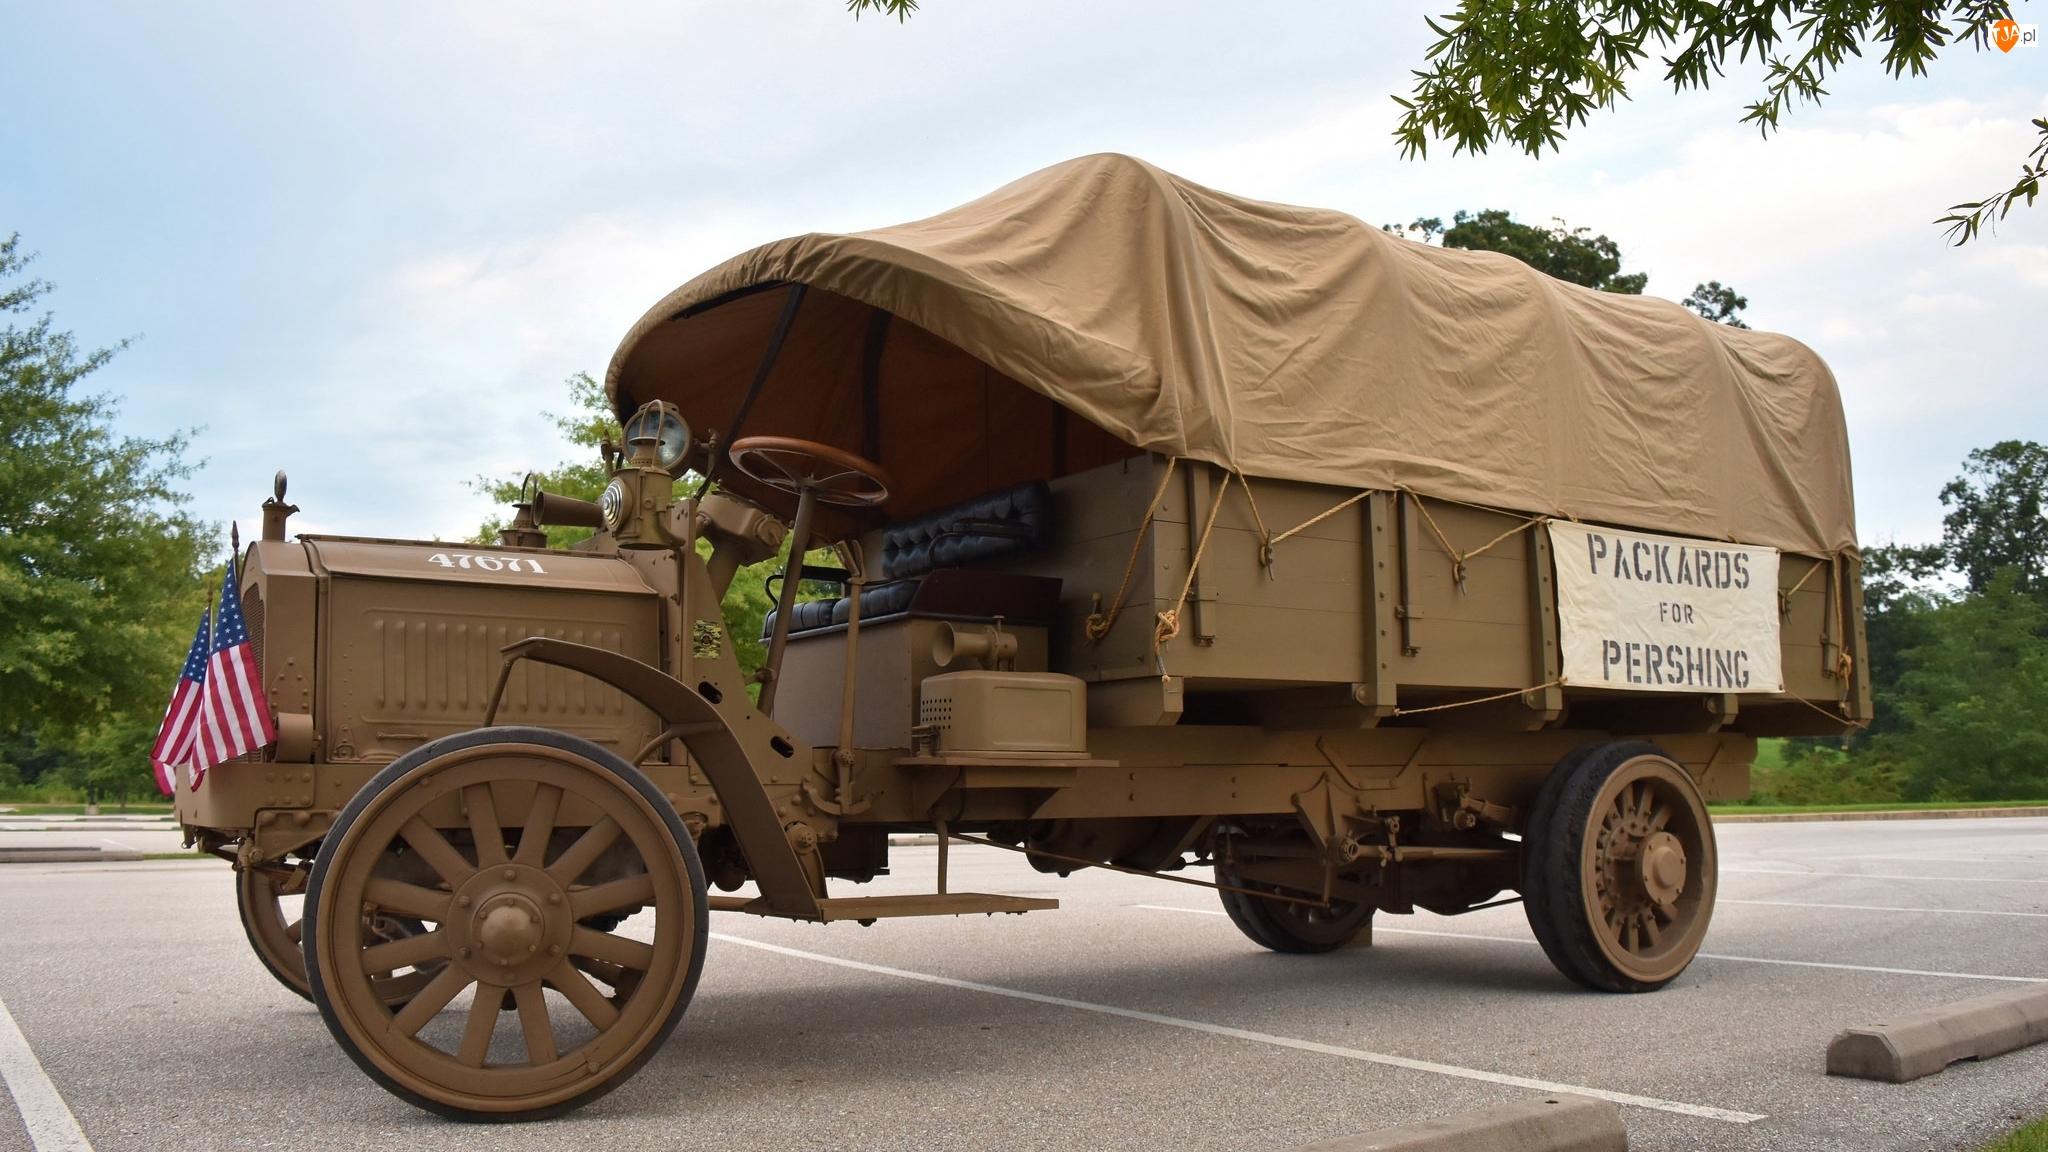 Zabytkowy, 1918, Wojskowy, Packard Army Truck